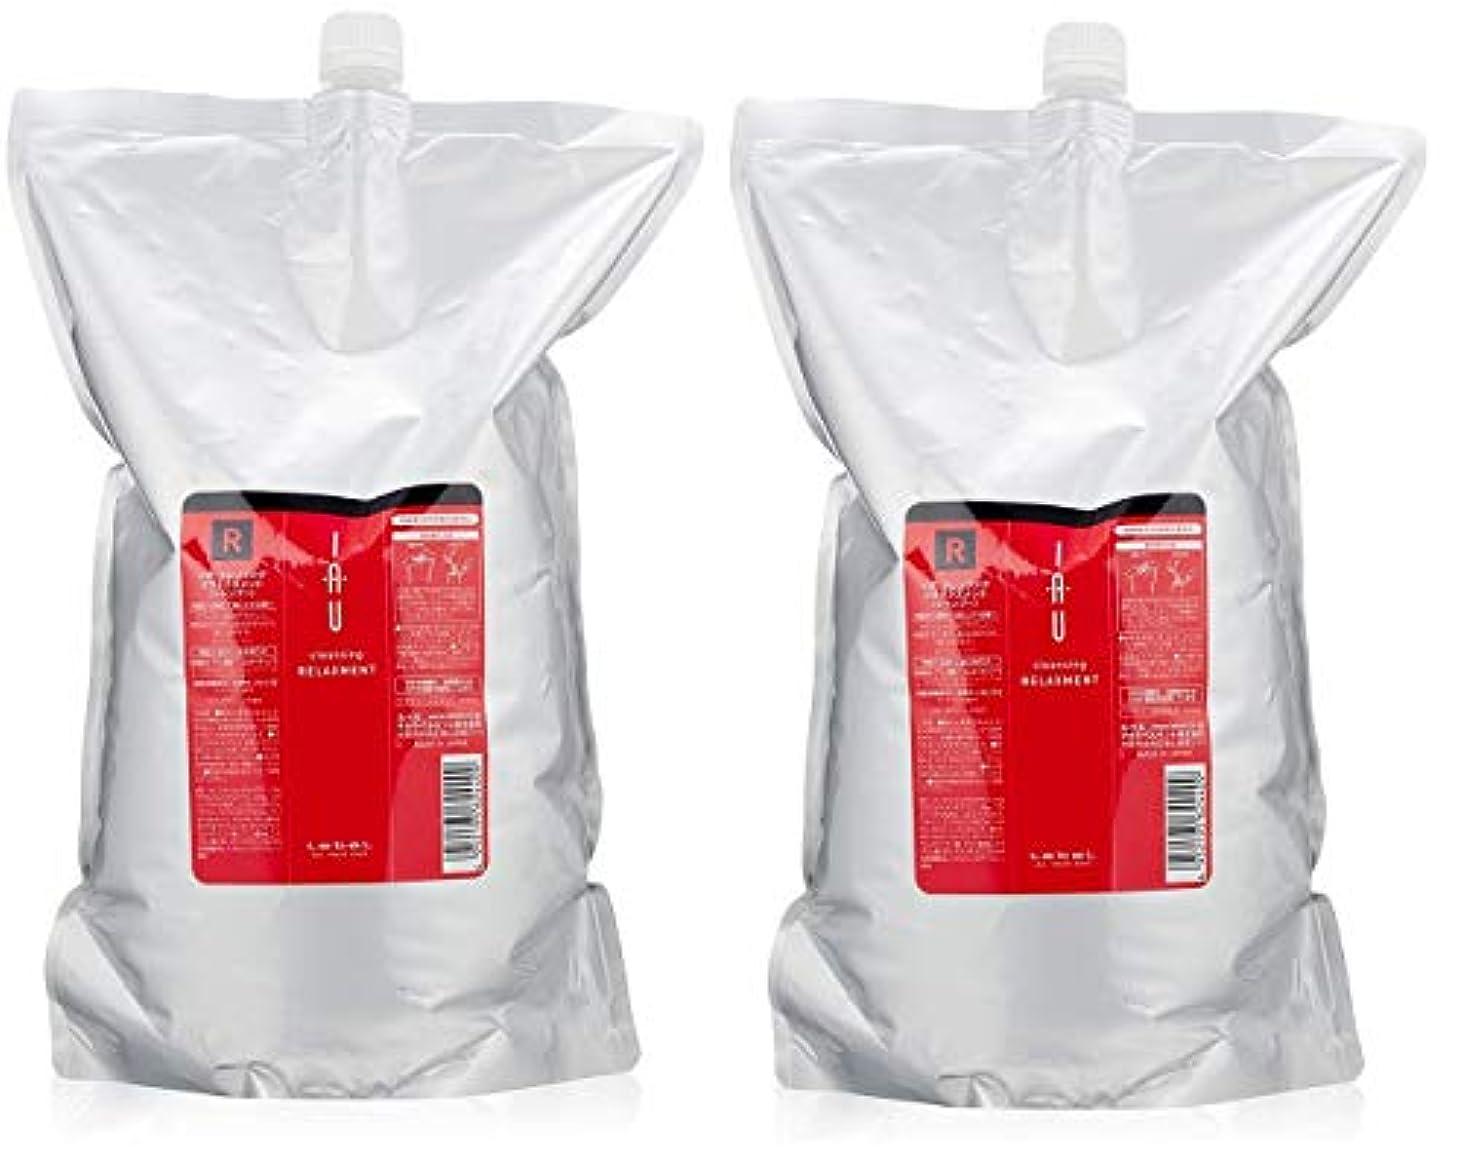 放散する料理予防接種ルベル イオ クレンジング リラックスメント シャンプー 2500mL ×2個セット 詰め替え 業務用 Lebel iau